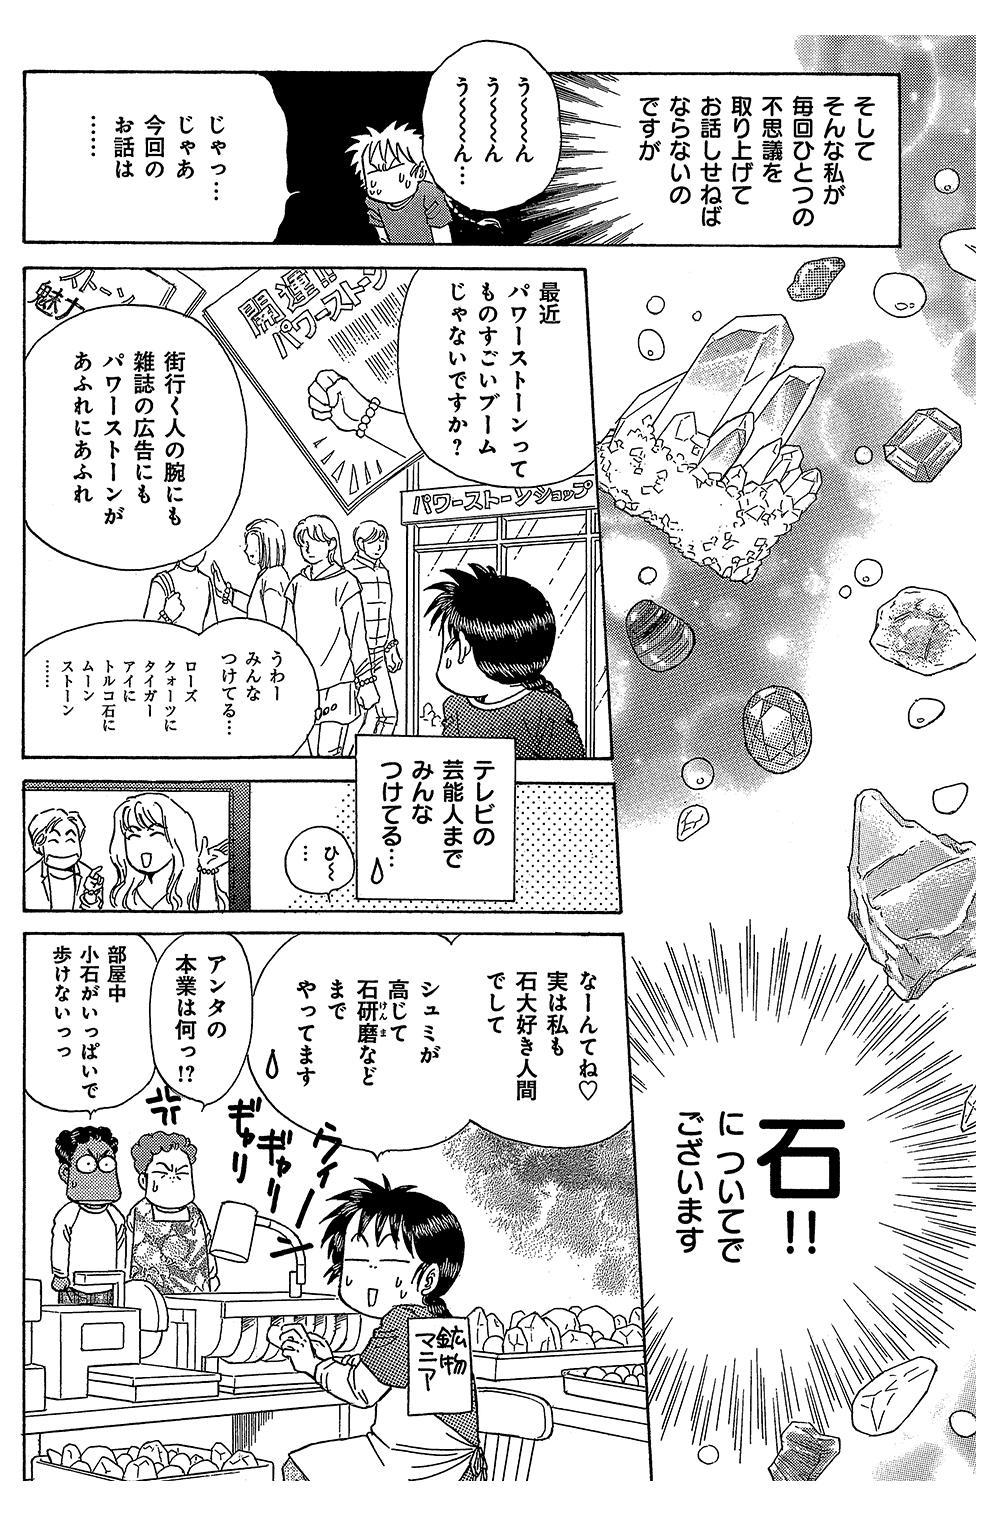 オカルト万華鏡 第1話 ①oka04.jpg